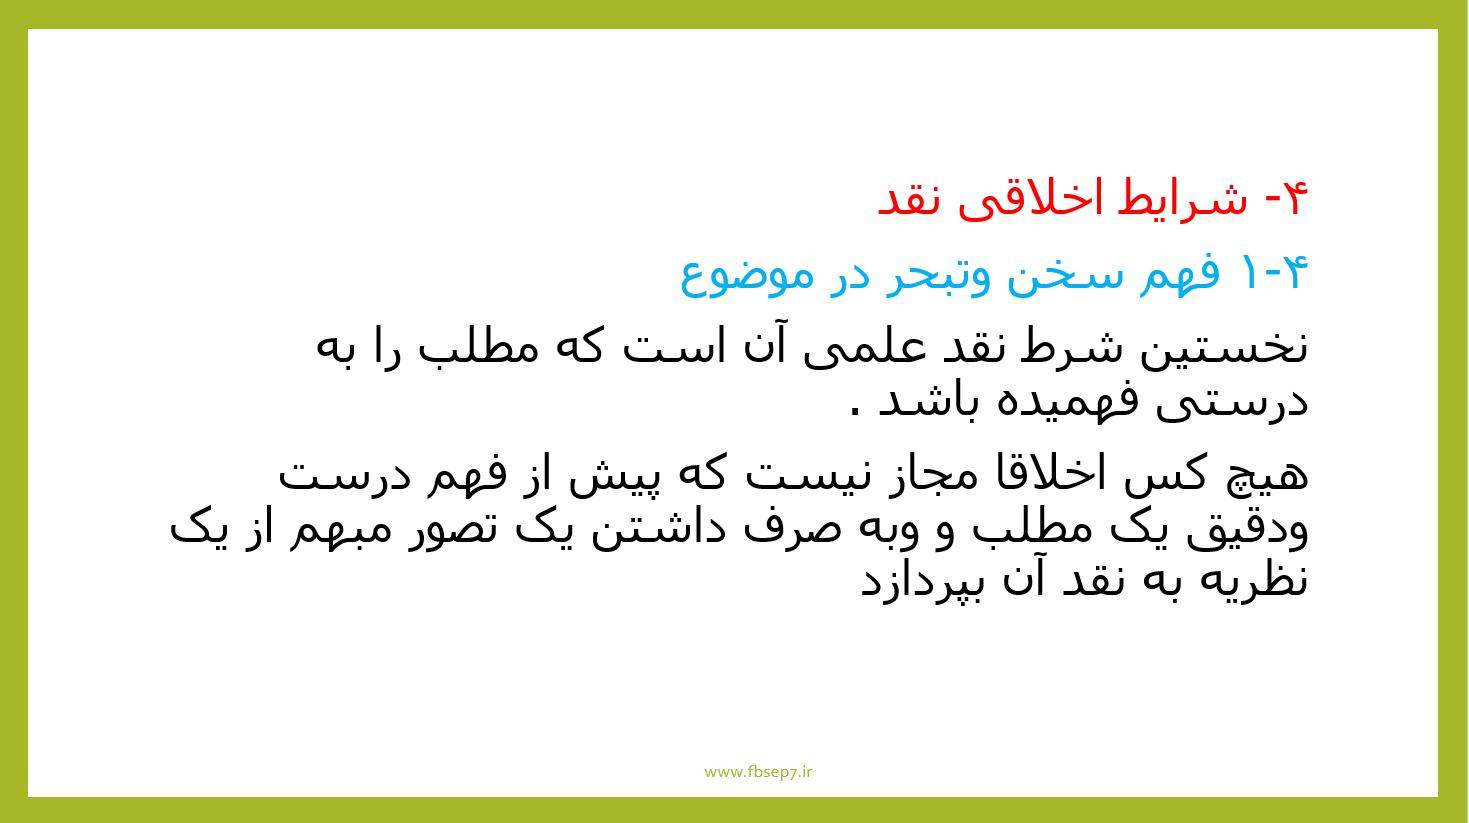 جزوه آیین زندگی احمد حسین شریفی